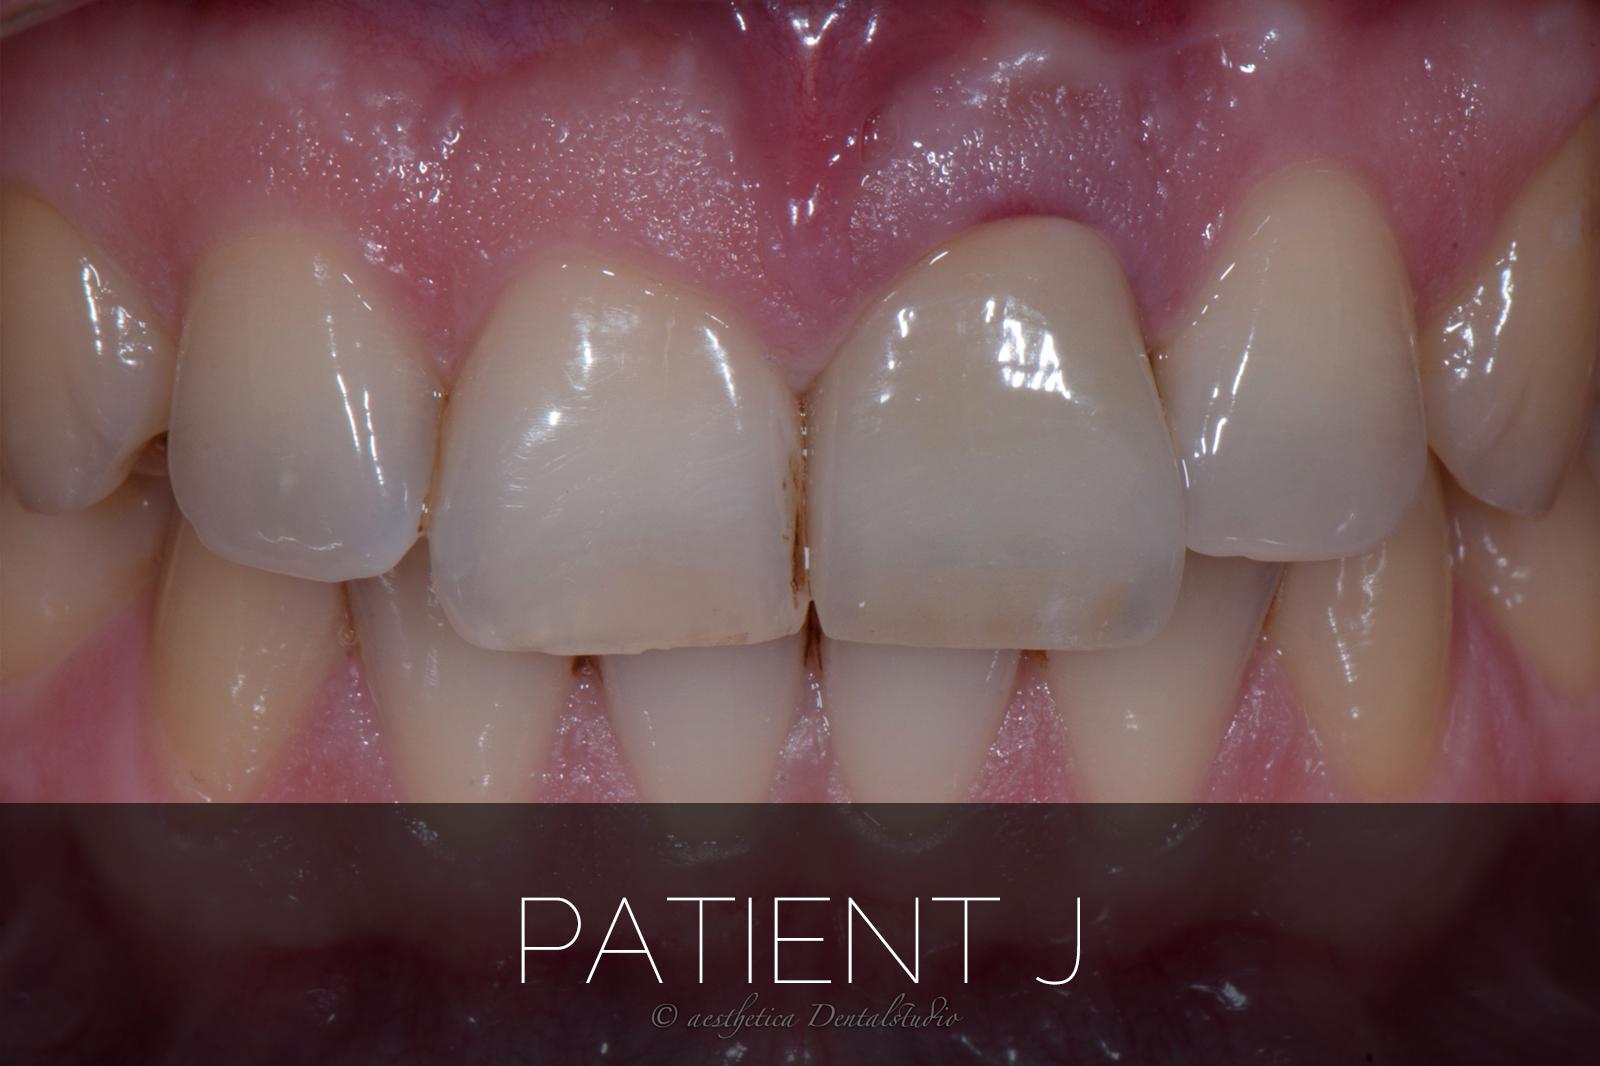 Patient J